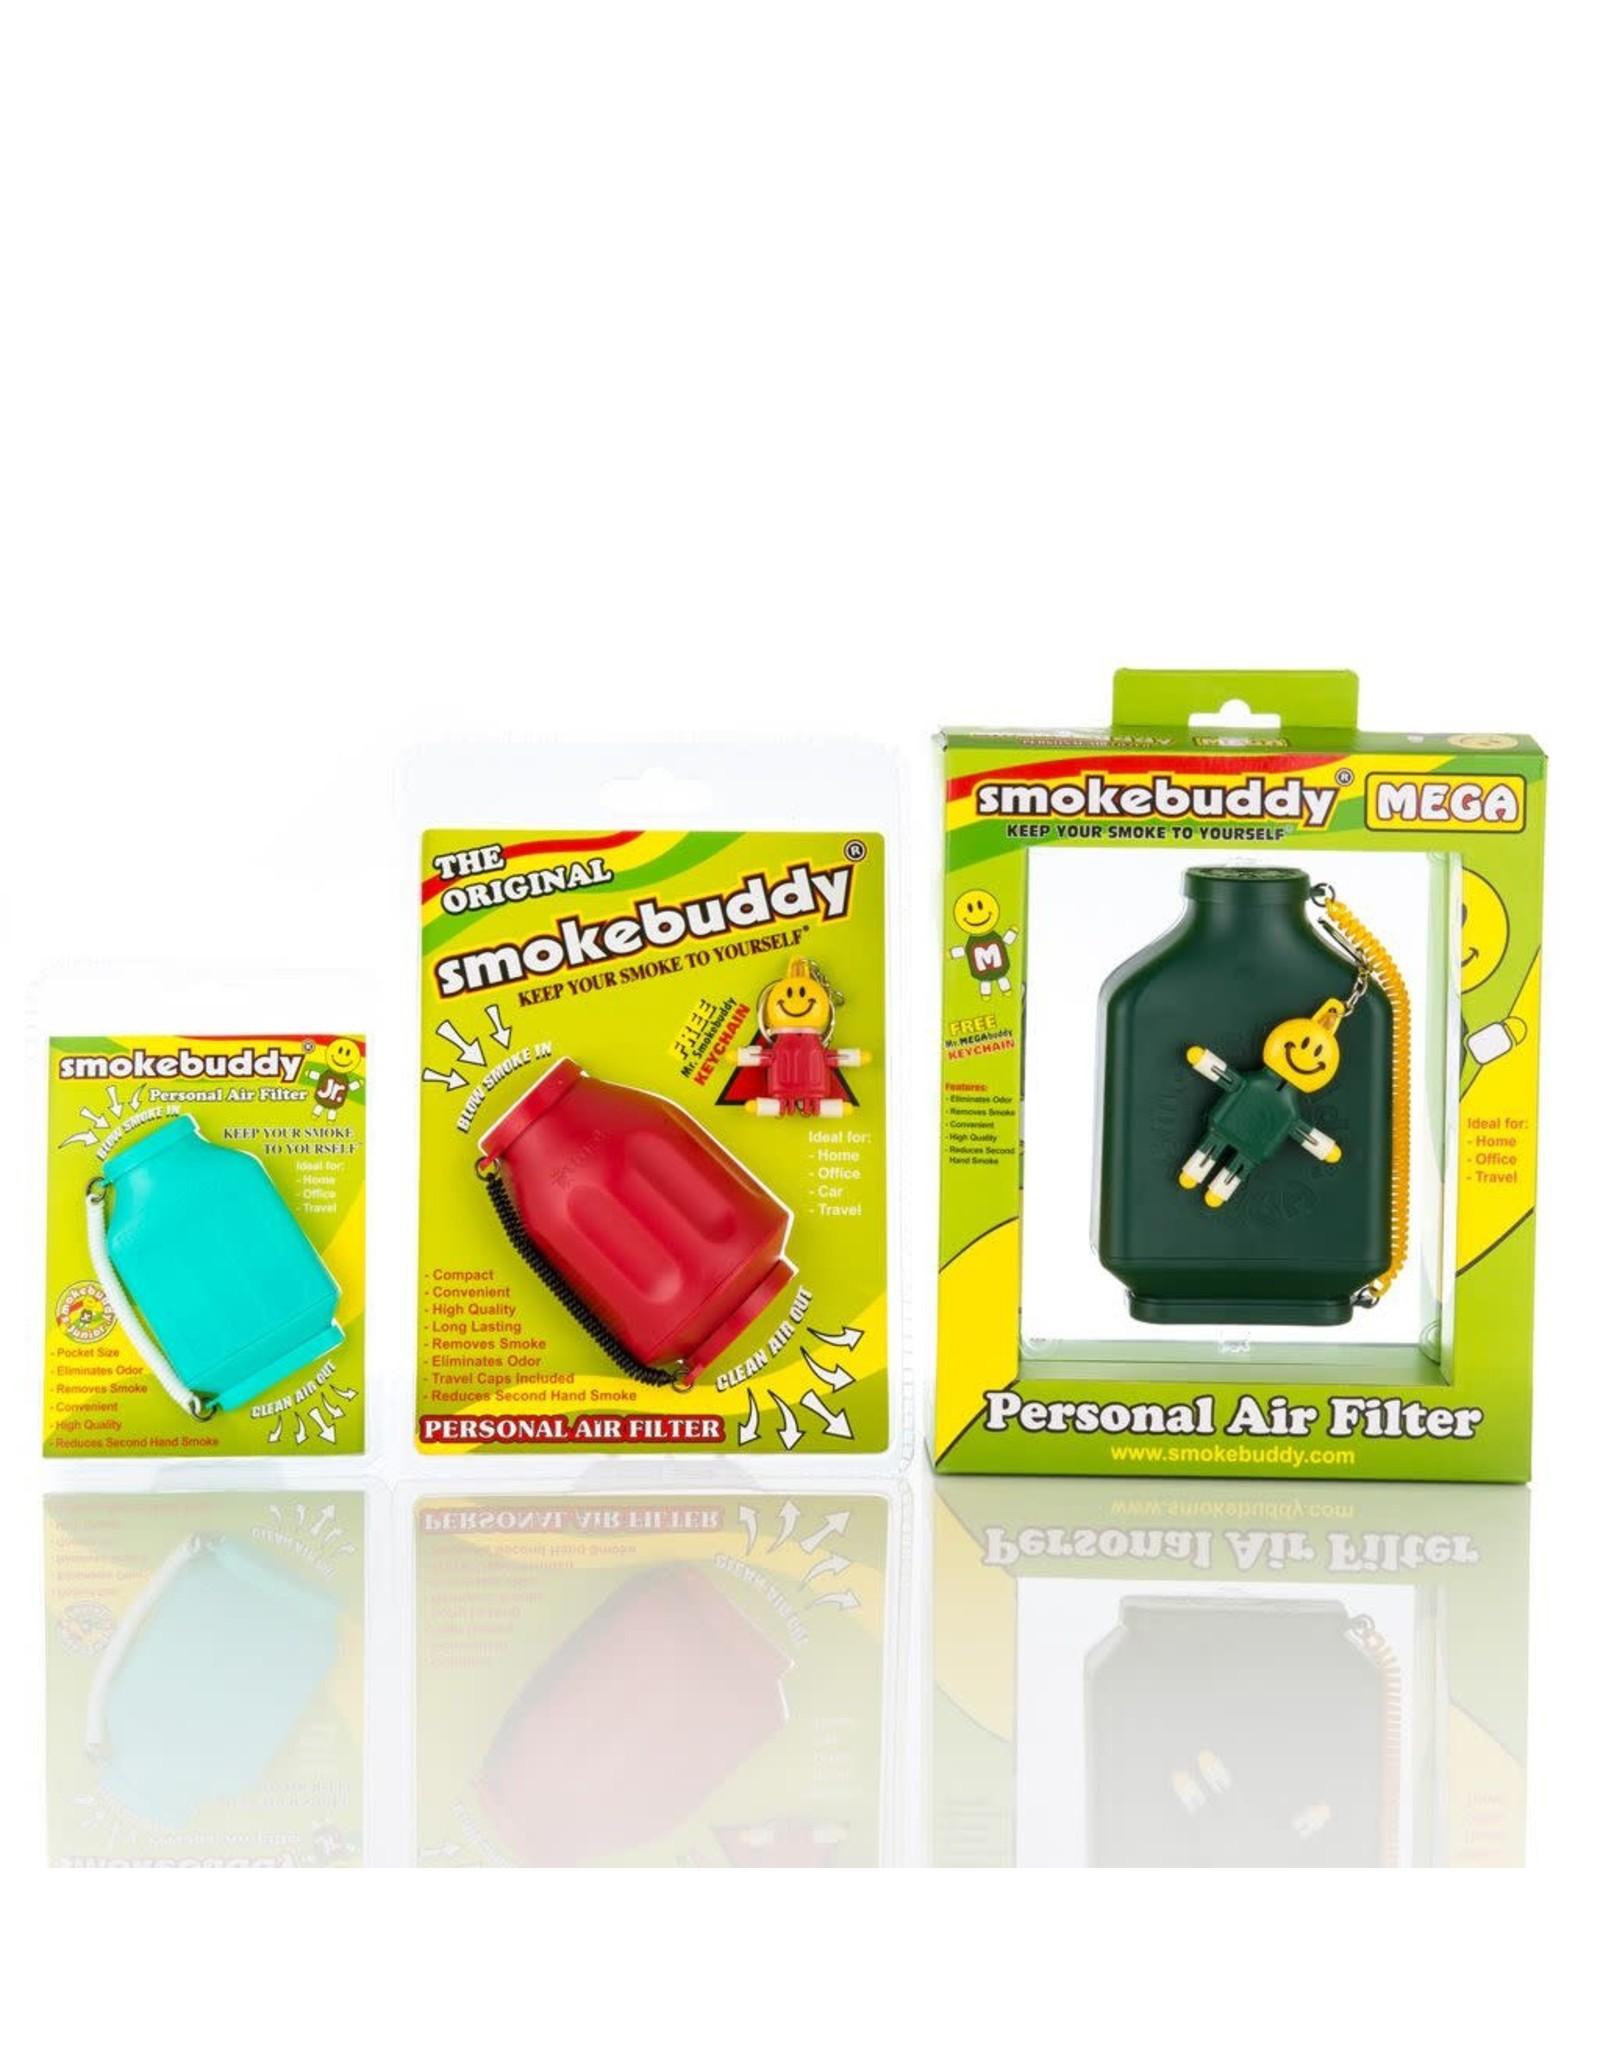 smoke buddy Yellow Smokebuddy Junior Personal Air Filter